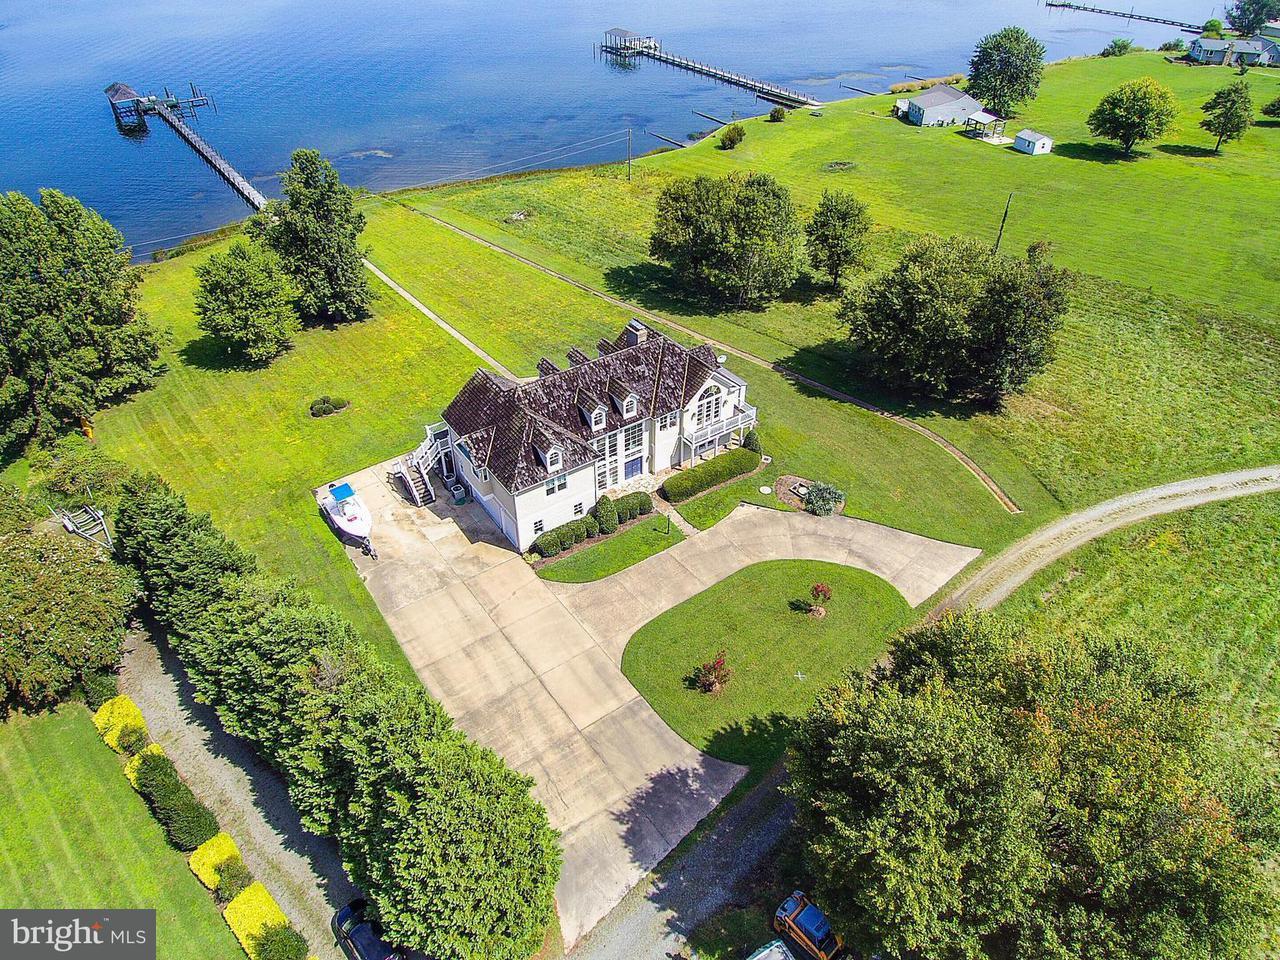 Частный односемейный дом для того Продажа на 2635 LYNN ALLEN Road 2635 LYNN ALLEN Road King George, Виргиния 22485 Соединенные Штаты